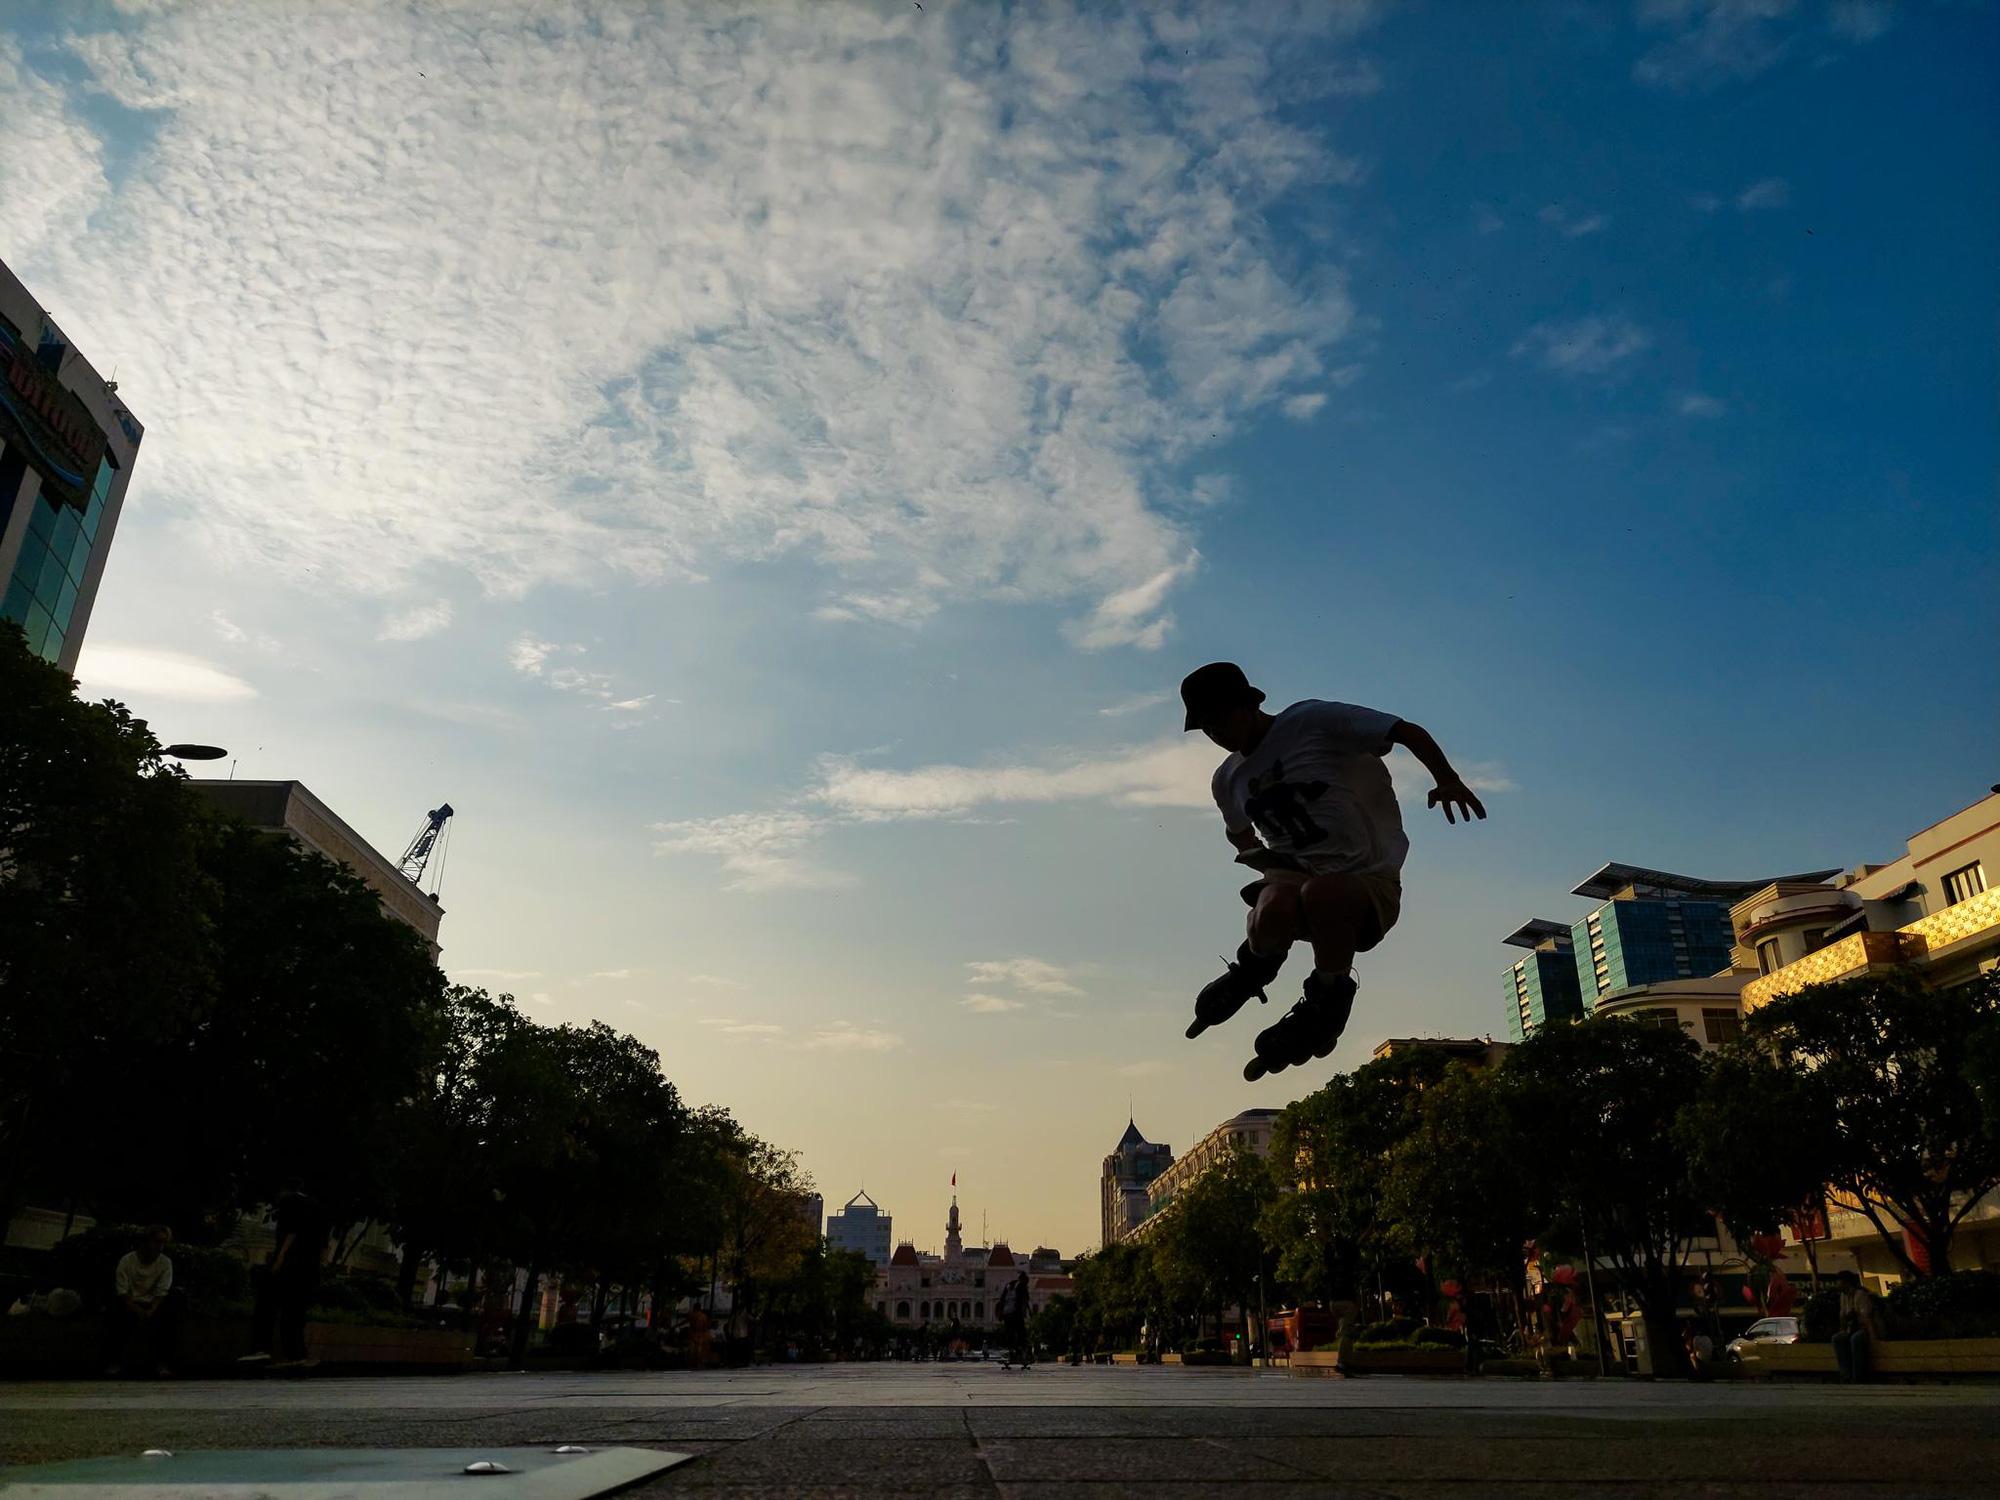 Là người thích bay nhảy, tôi đã tìm thấy smartphone chân ái dành cho mình như thế nào? - Ảnh 4.